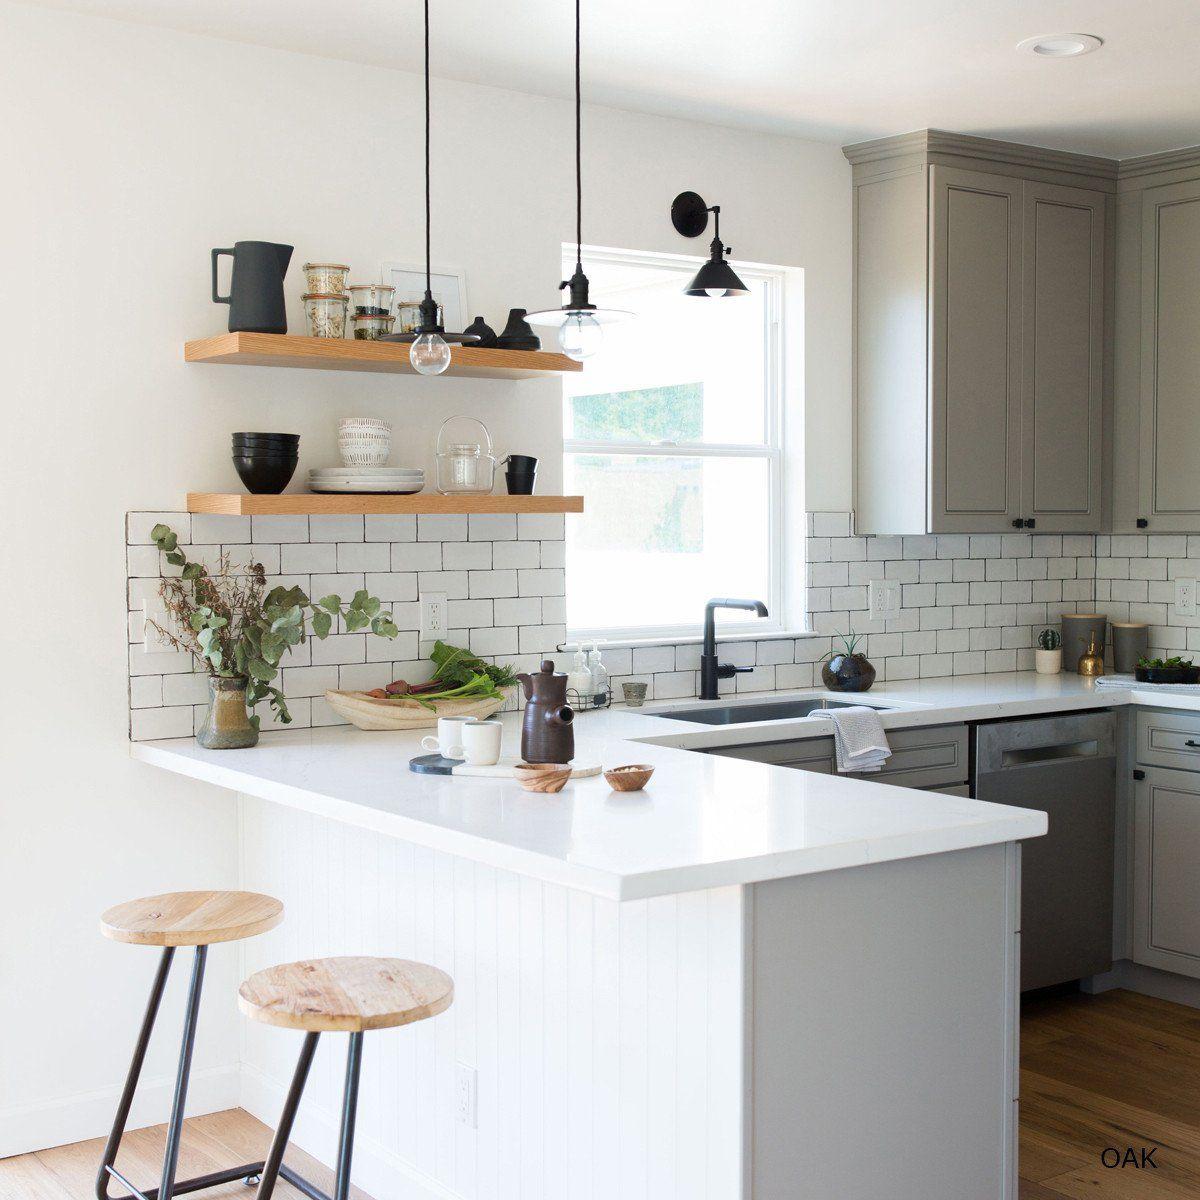 Floating Kitchen Island Designs: Floating Shelves - Oak In 2019